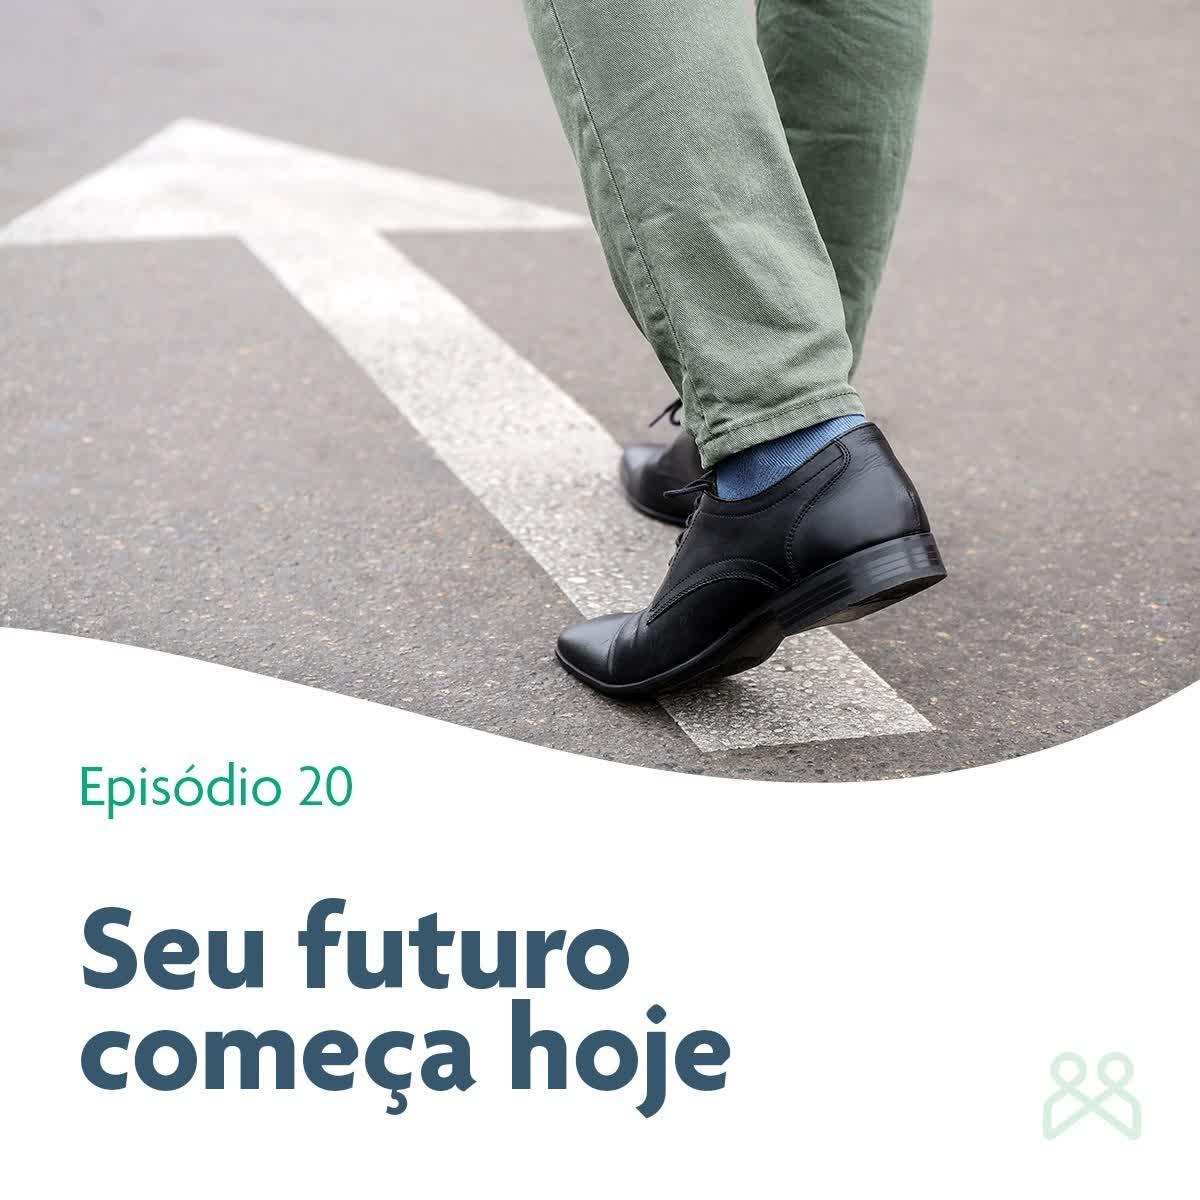 Episódio 20 - Seu futuro começa hoje